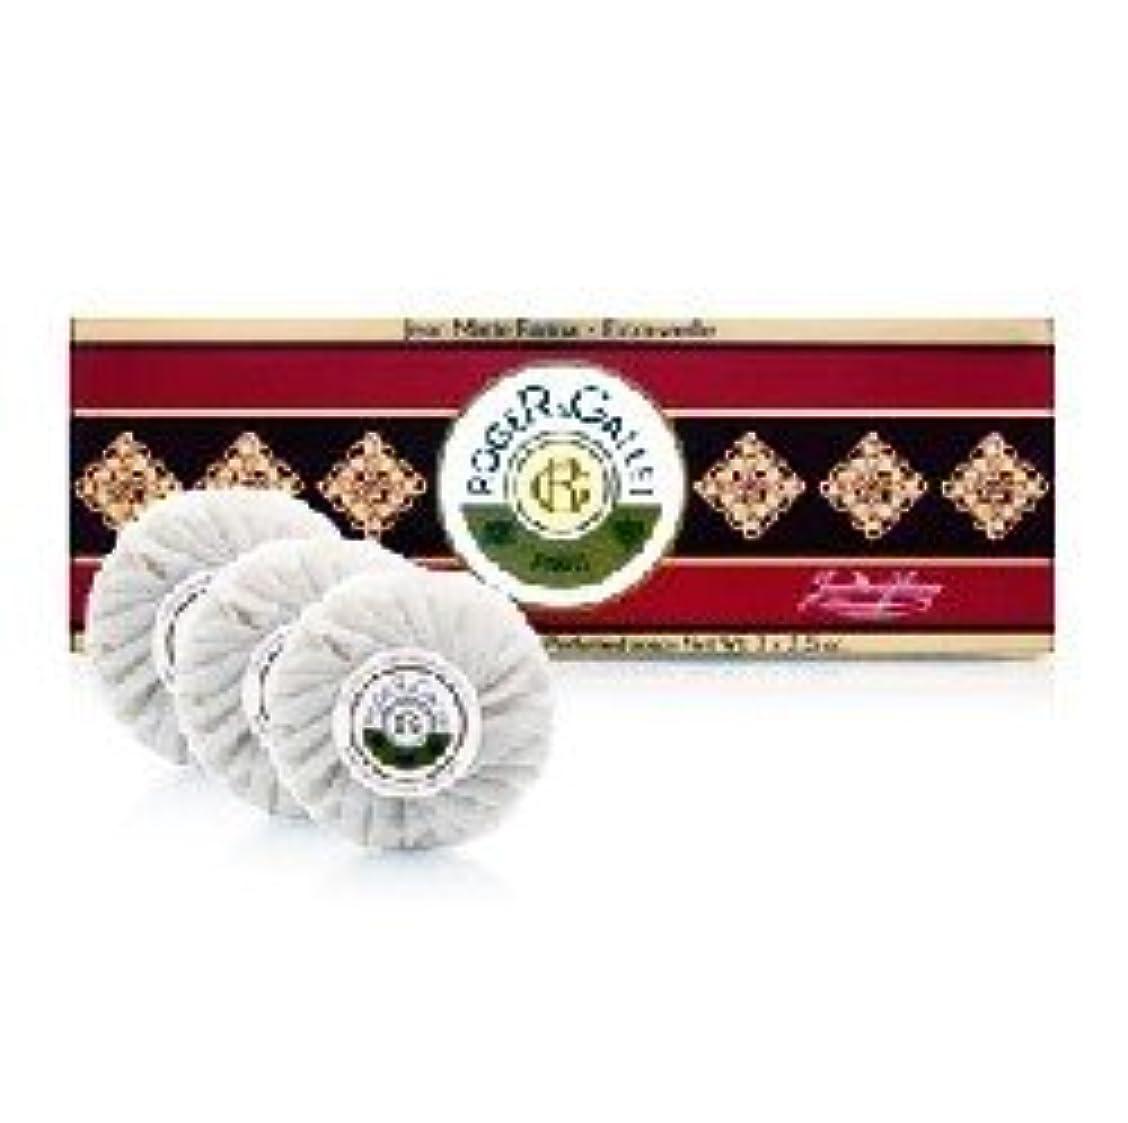 ご注意代理店びっくりするロジェガレ ジャンマリーファリナ 香水石鹸3個セット ROGER&GALLET JEAN MARIE FARINA SOAP